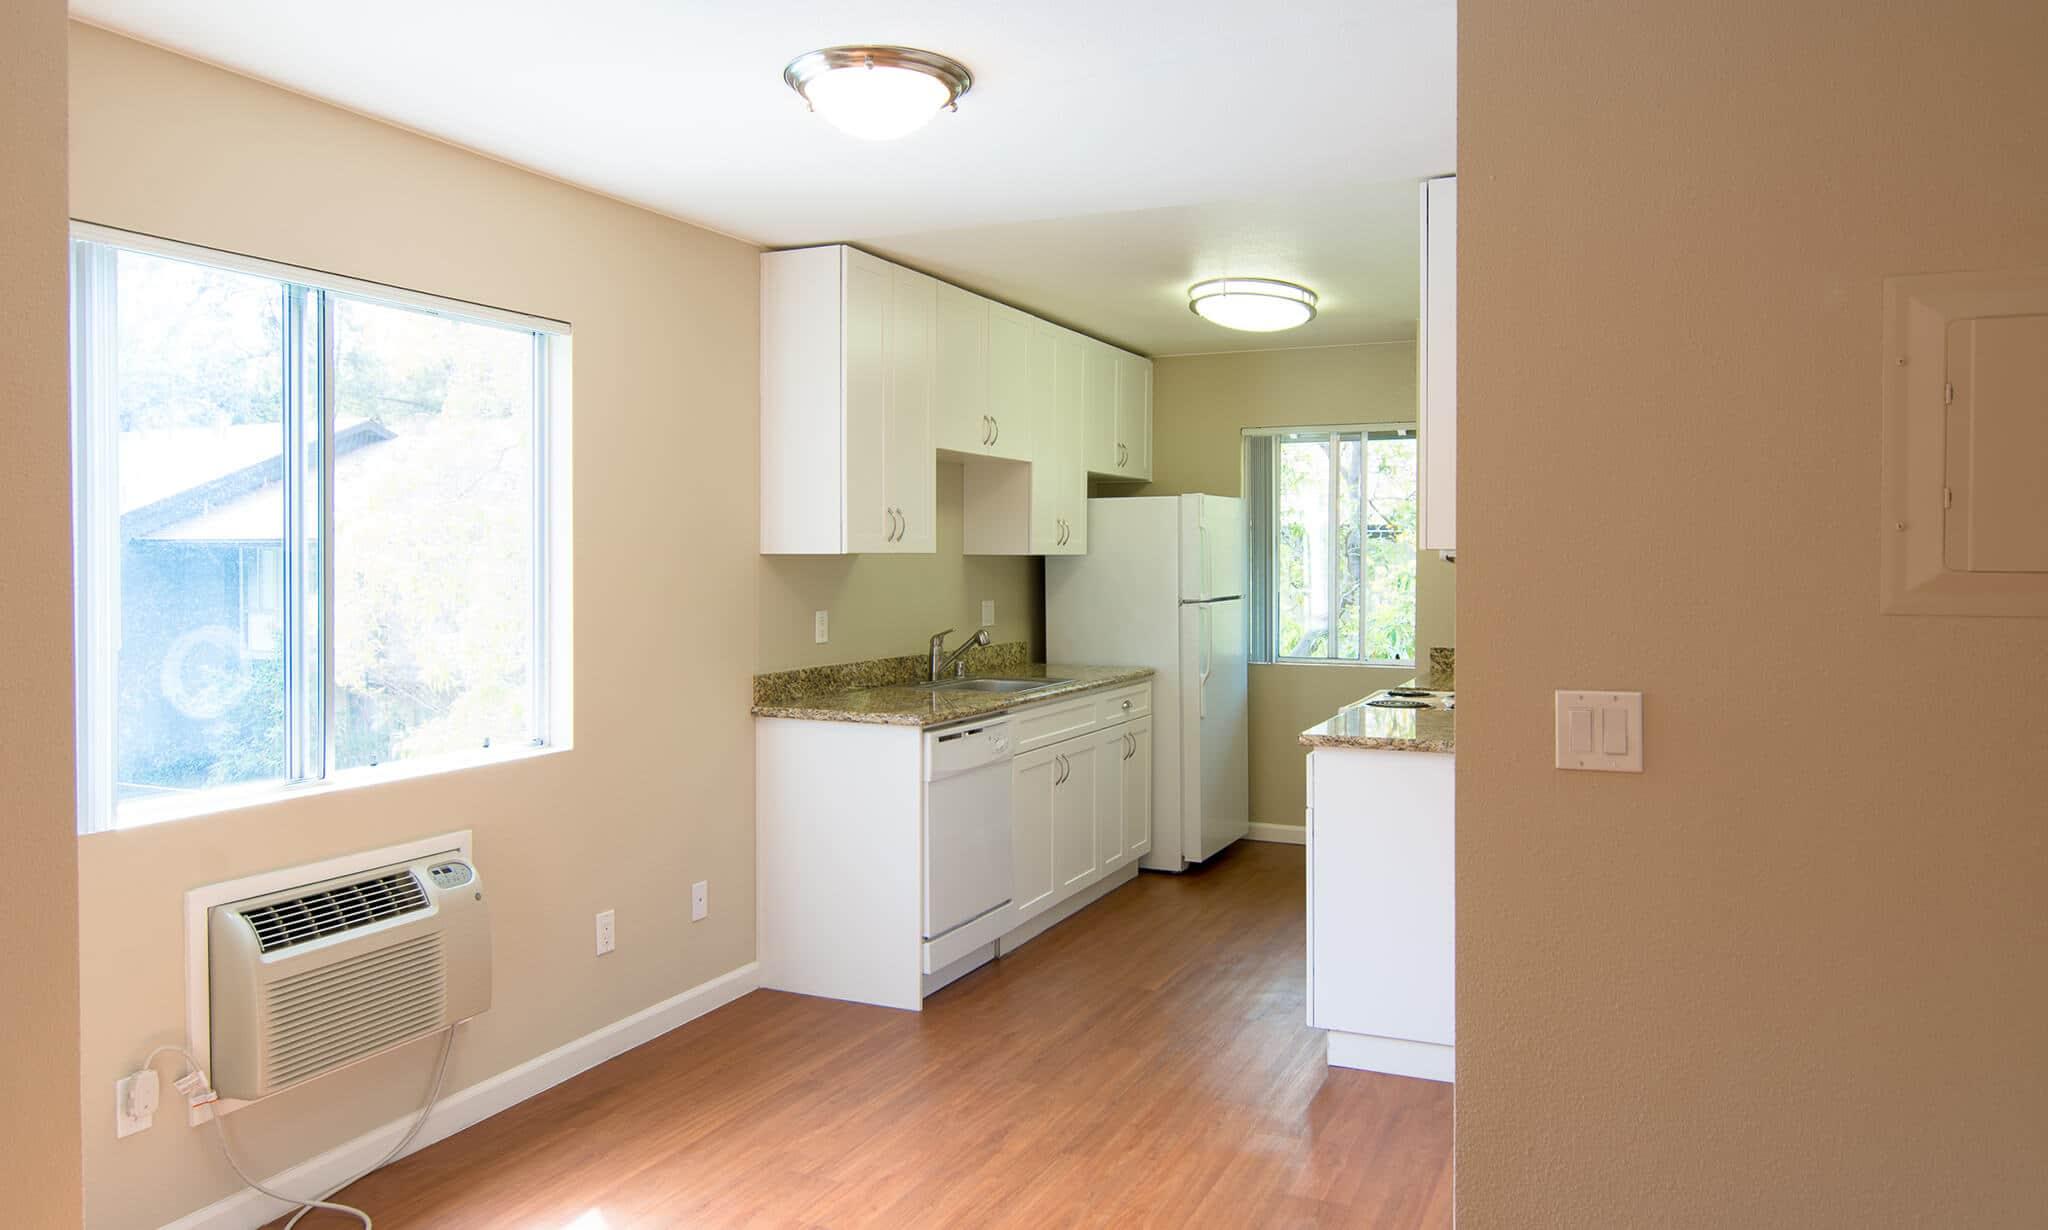 Montecito Apartments apartments in Santa Clara CA to rent photo 6